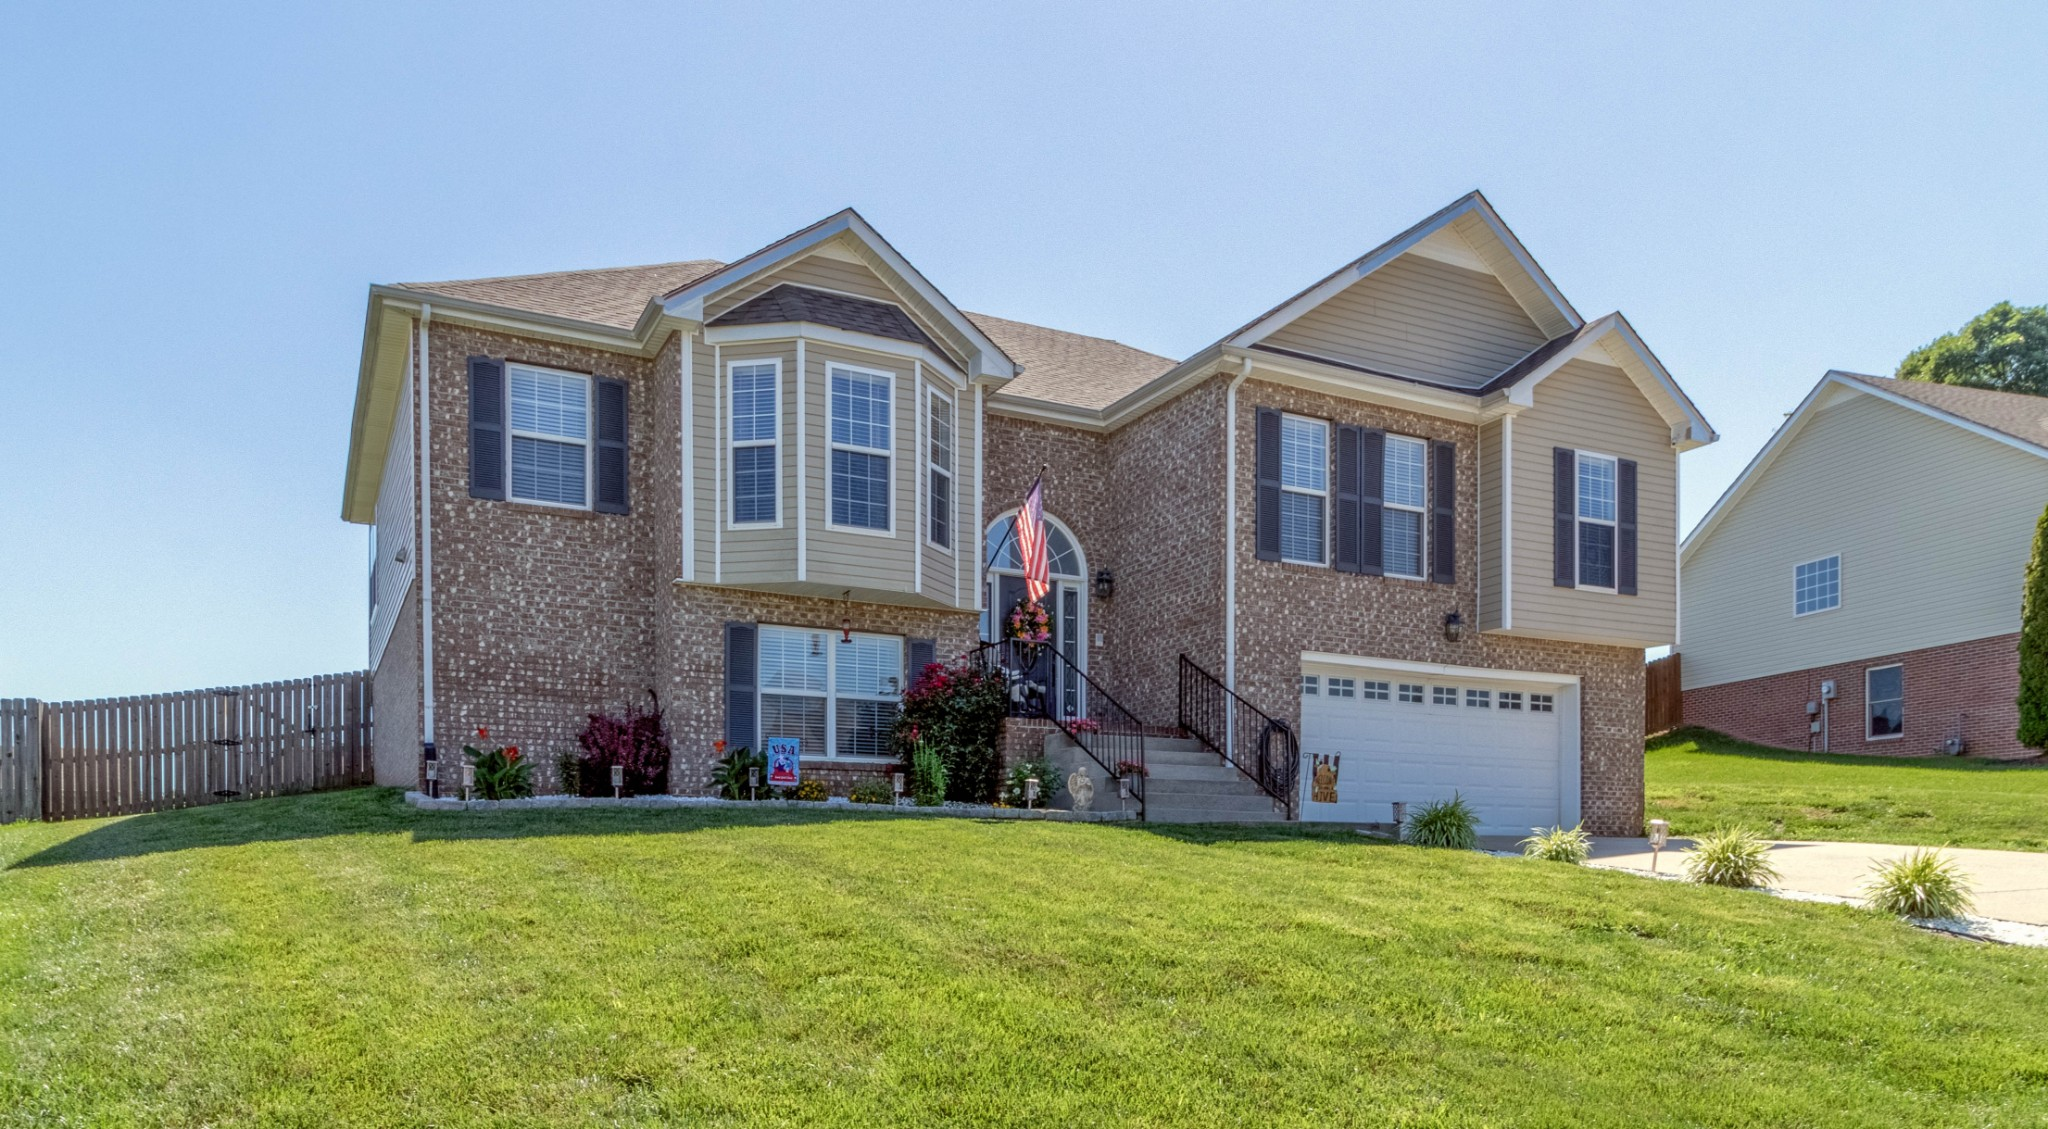 543 Winding Bluff Way Property Photo